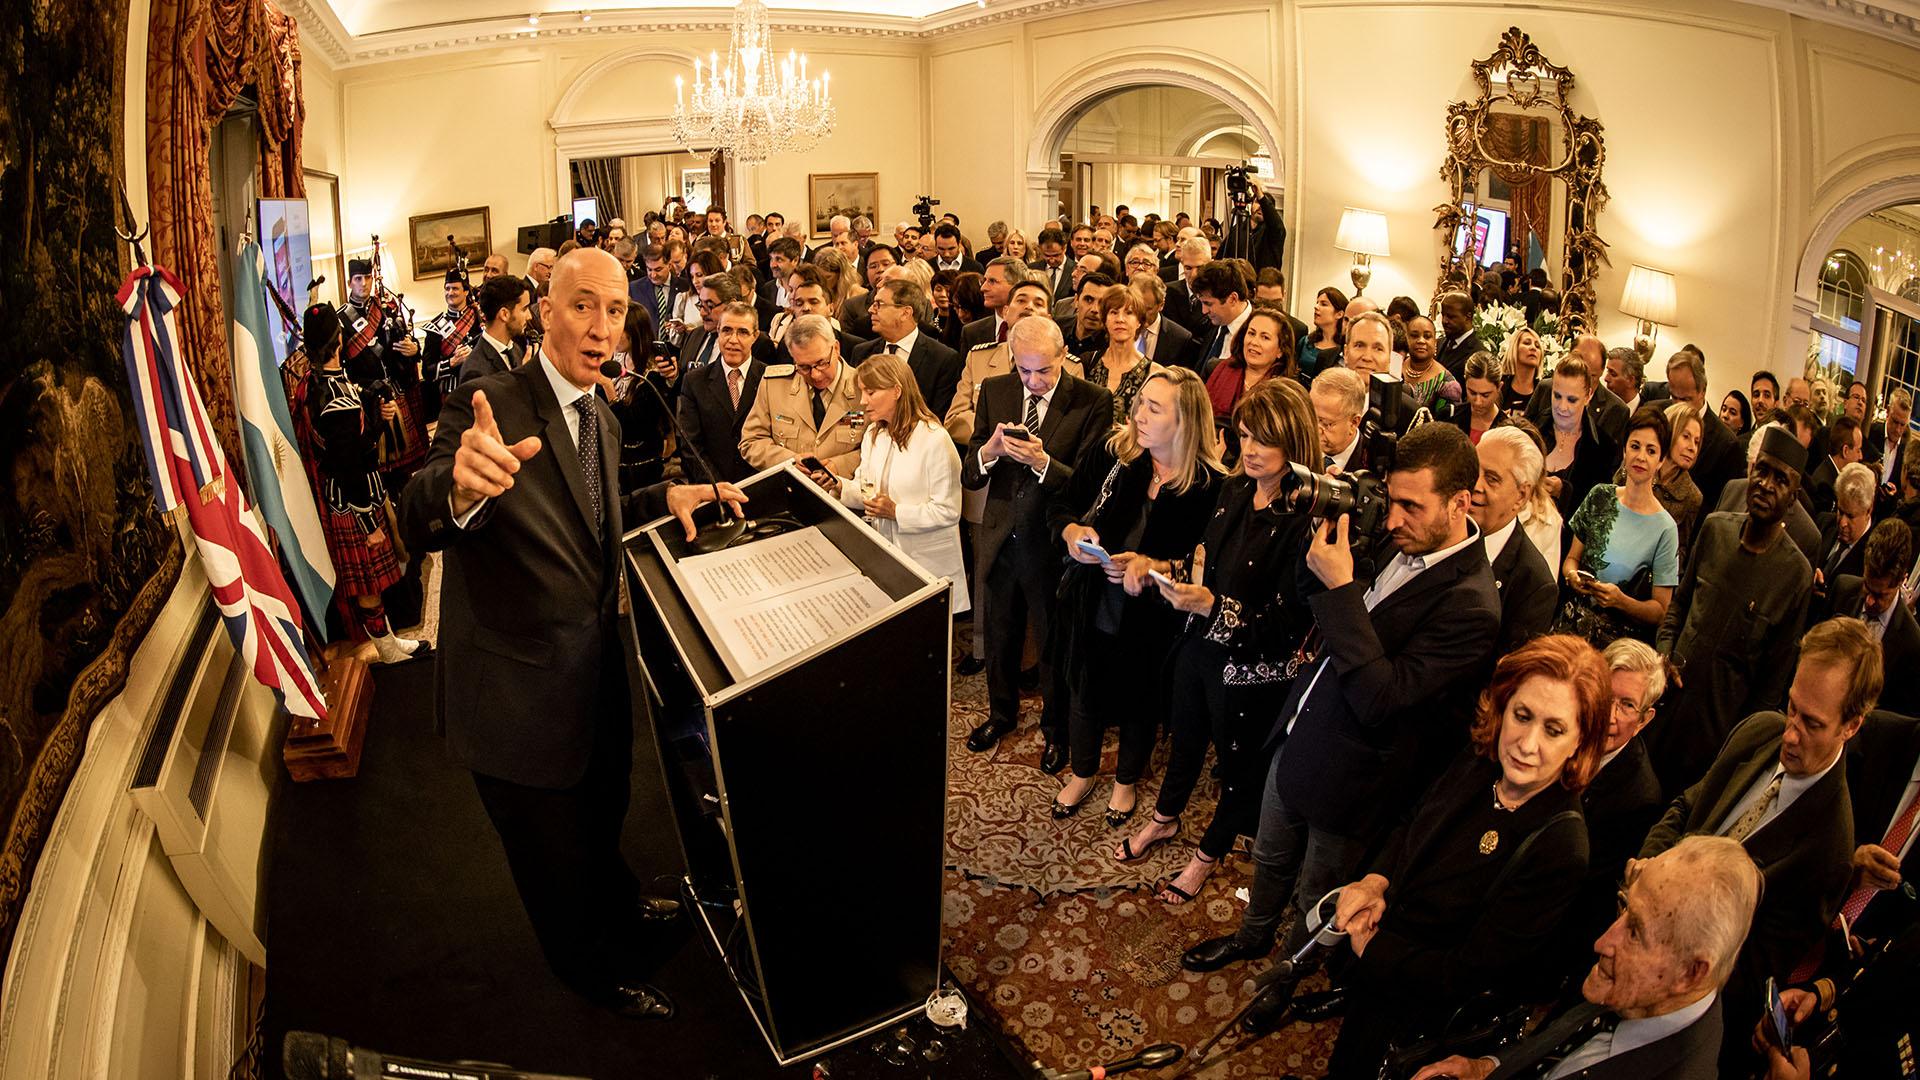 El evento contó además con dos exhibiciones que muestran los cruces entre la cultura británica y la argentina. En la entrada de la Residencia, los asistentes pudieron apreciar algunas de las imágenes que tomó la fotógrafa inglesa Scarlet Page, hija de Jimmy Page y especialista en retratar a estrellas del rock, como Paul McCartney o Charly García